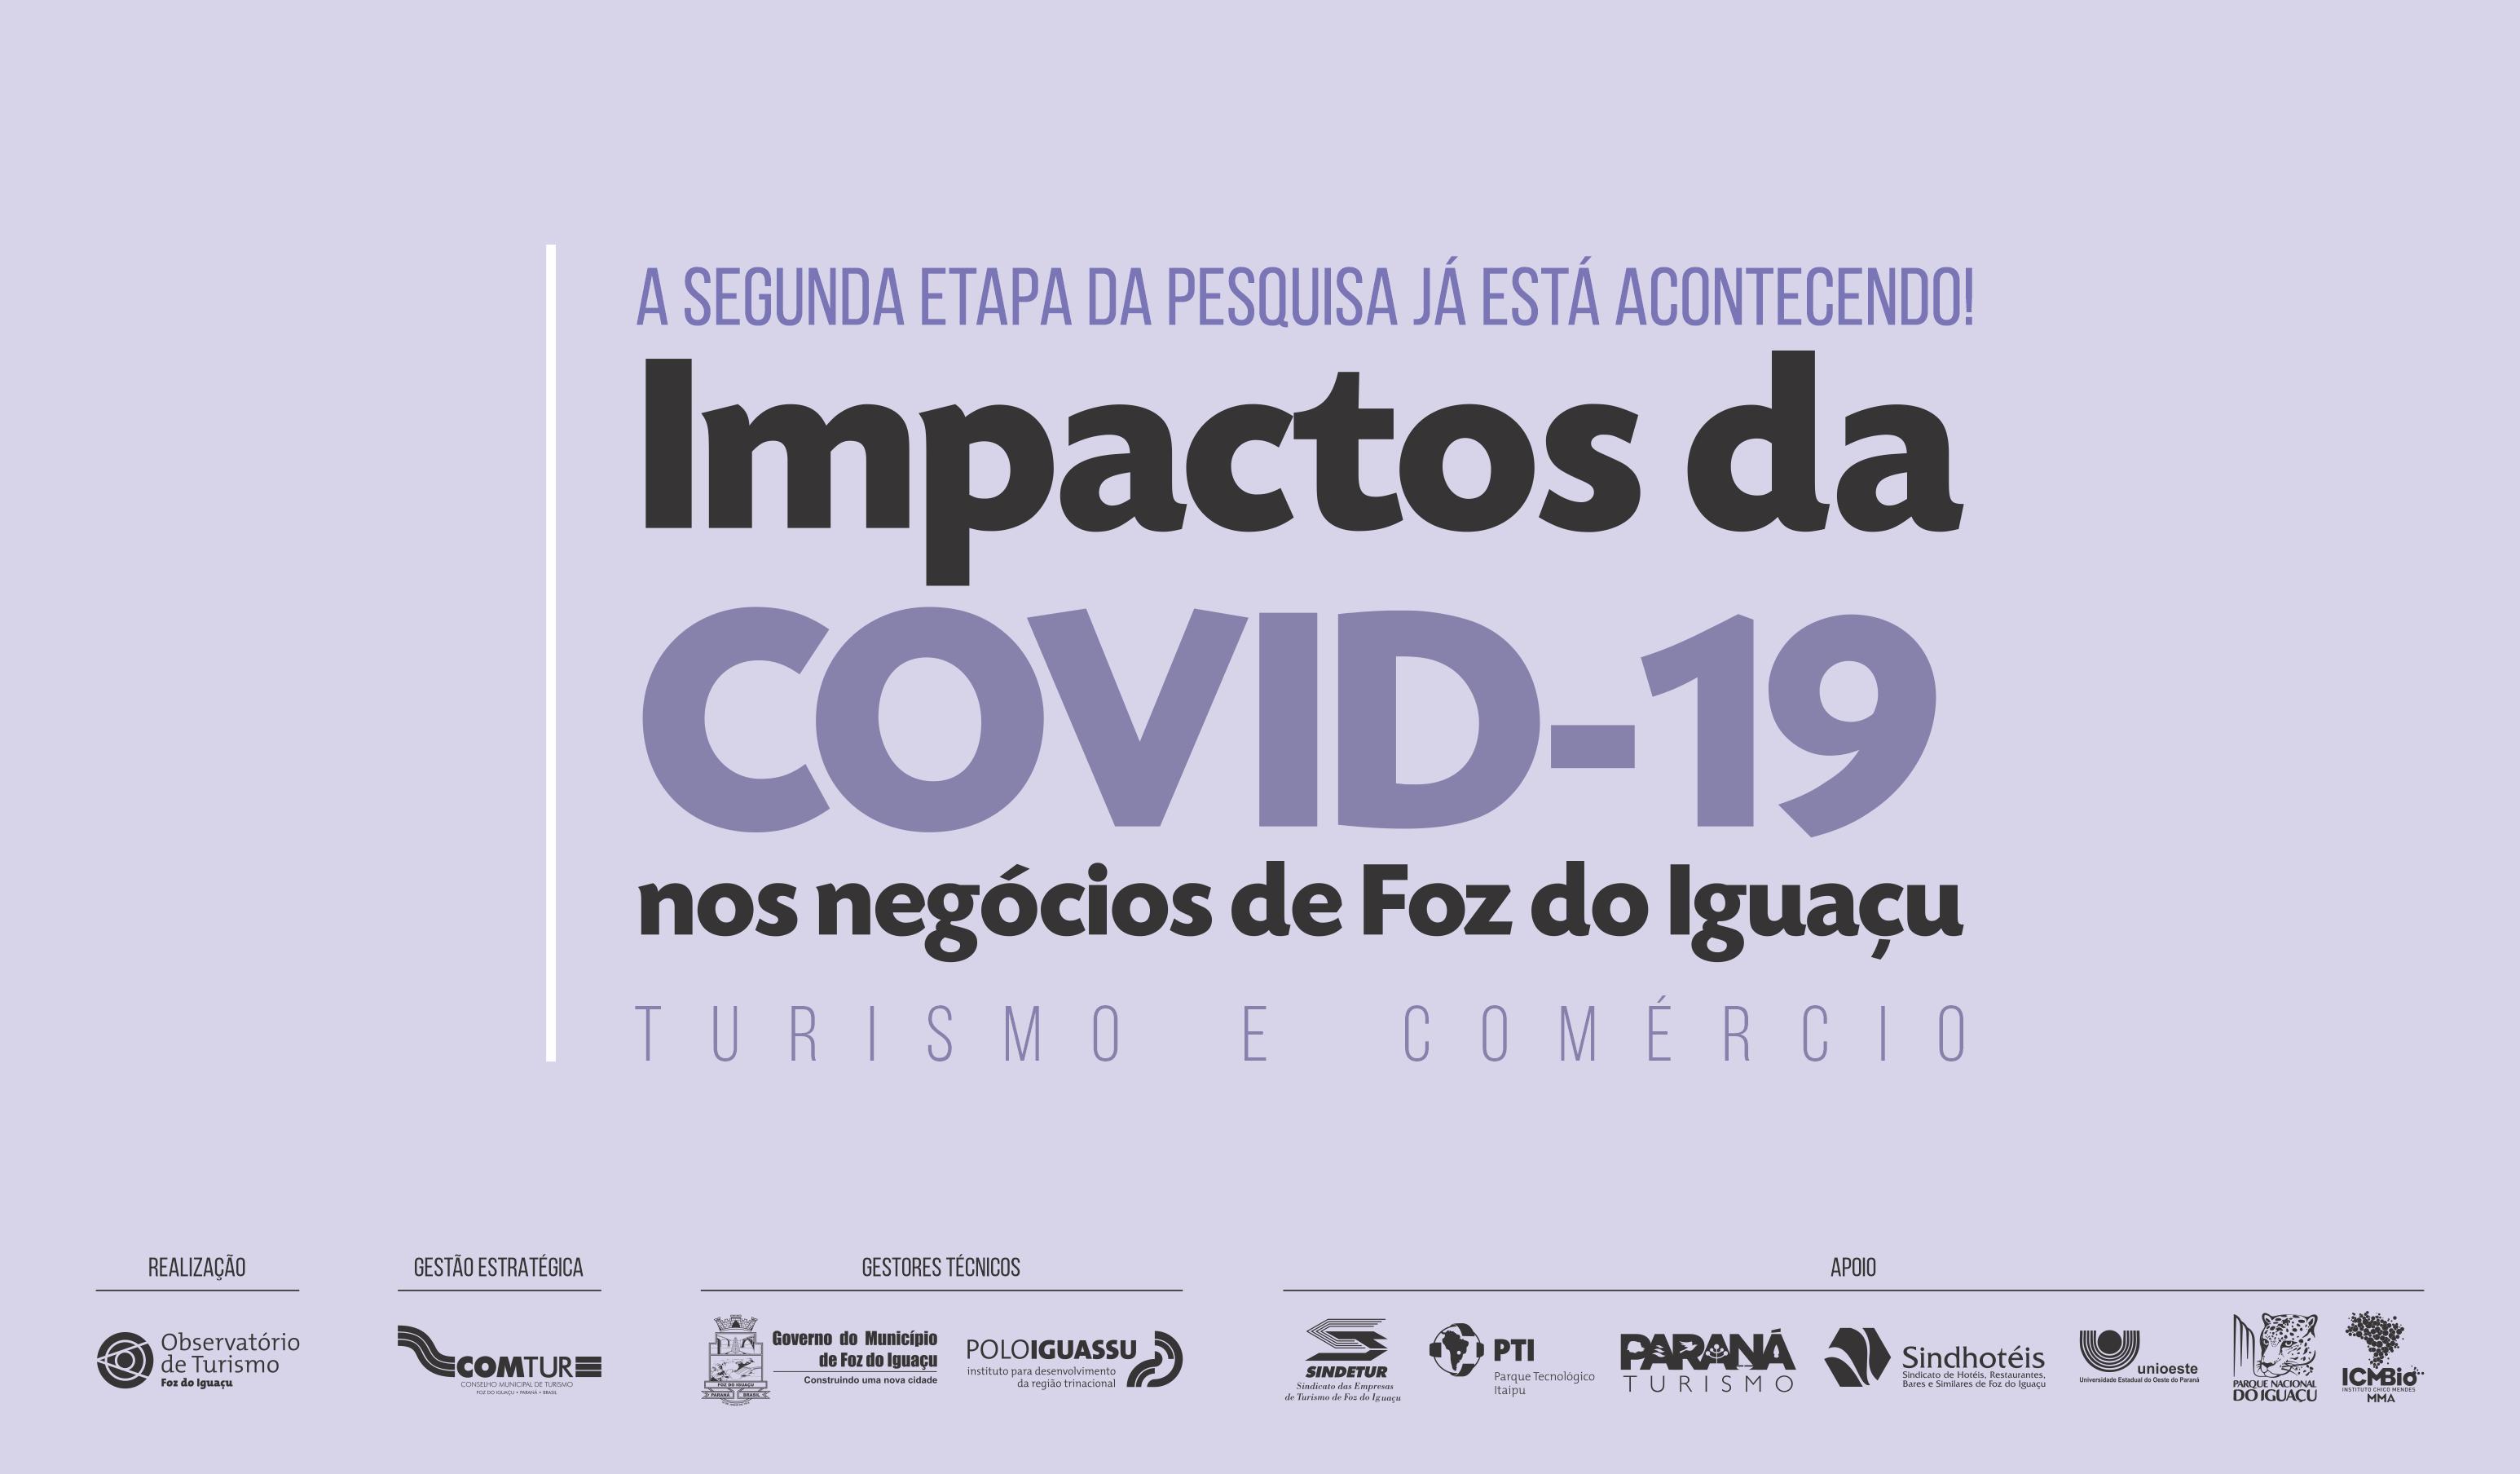 Observatório de Turismo de Foz do Iguaçu: 2ª Etapa da pesquisa sobre o impacto da COVID-19 na economia de Foz do Iguaçu está acontecendo por telefone.